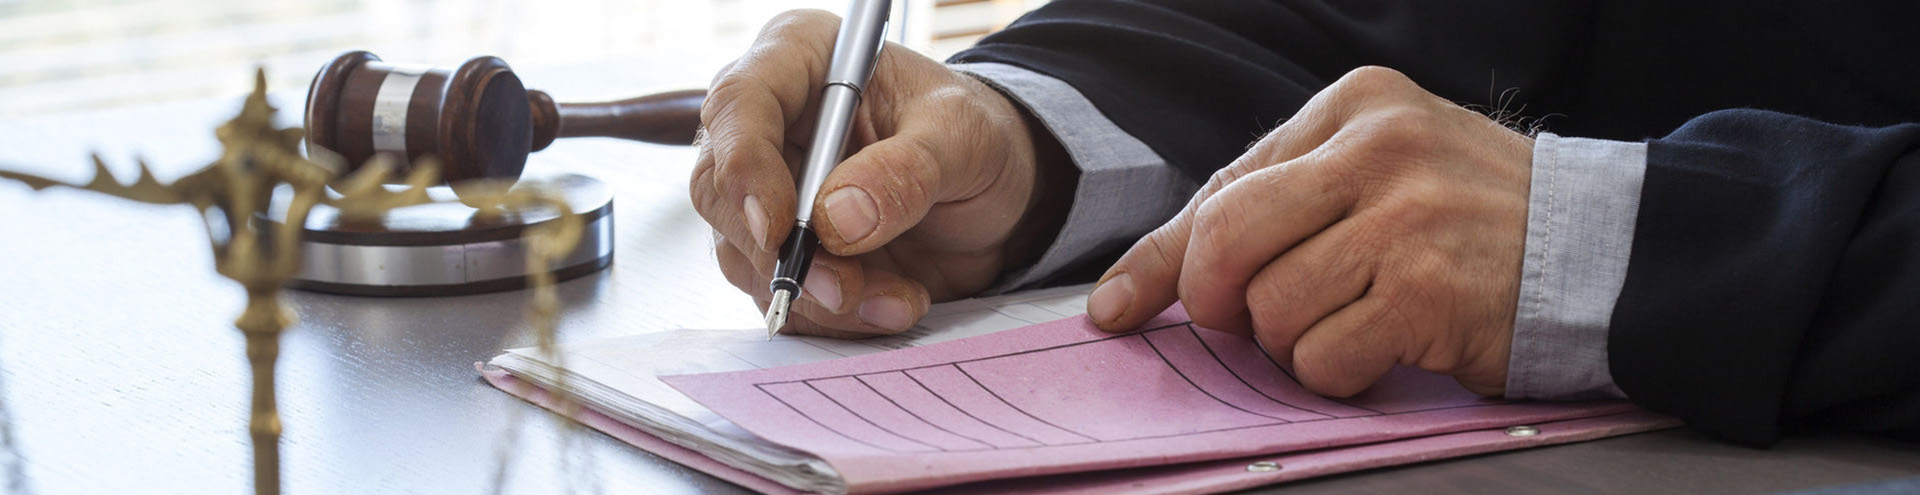 розыск должника в исполнительном производстве в Оренбурге